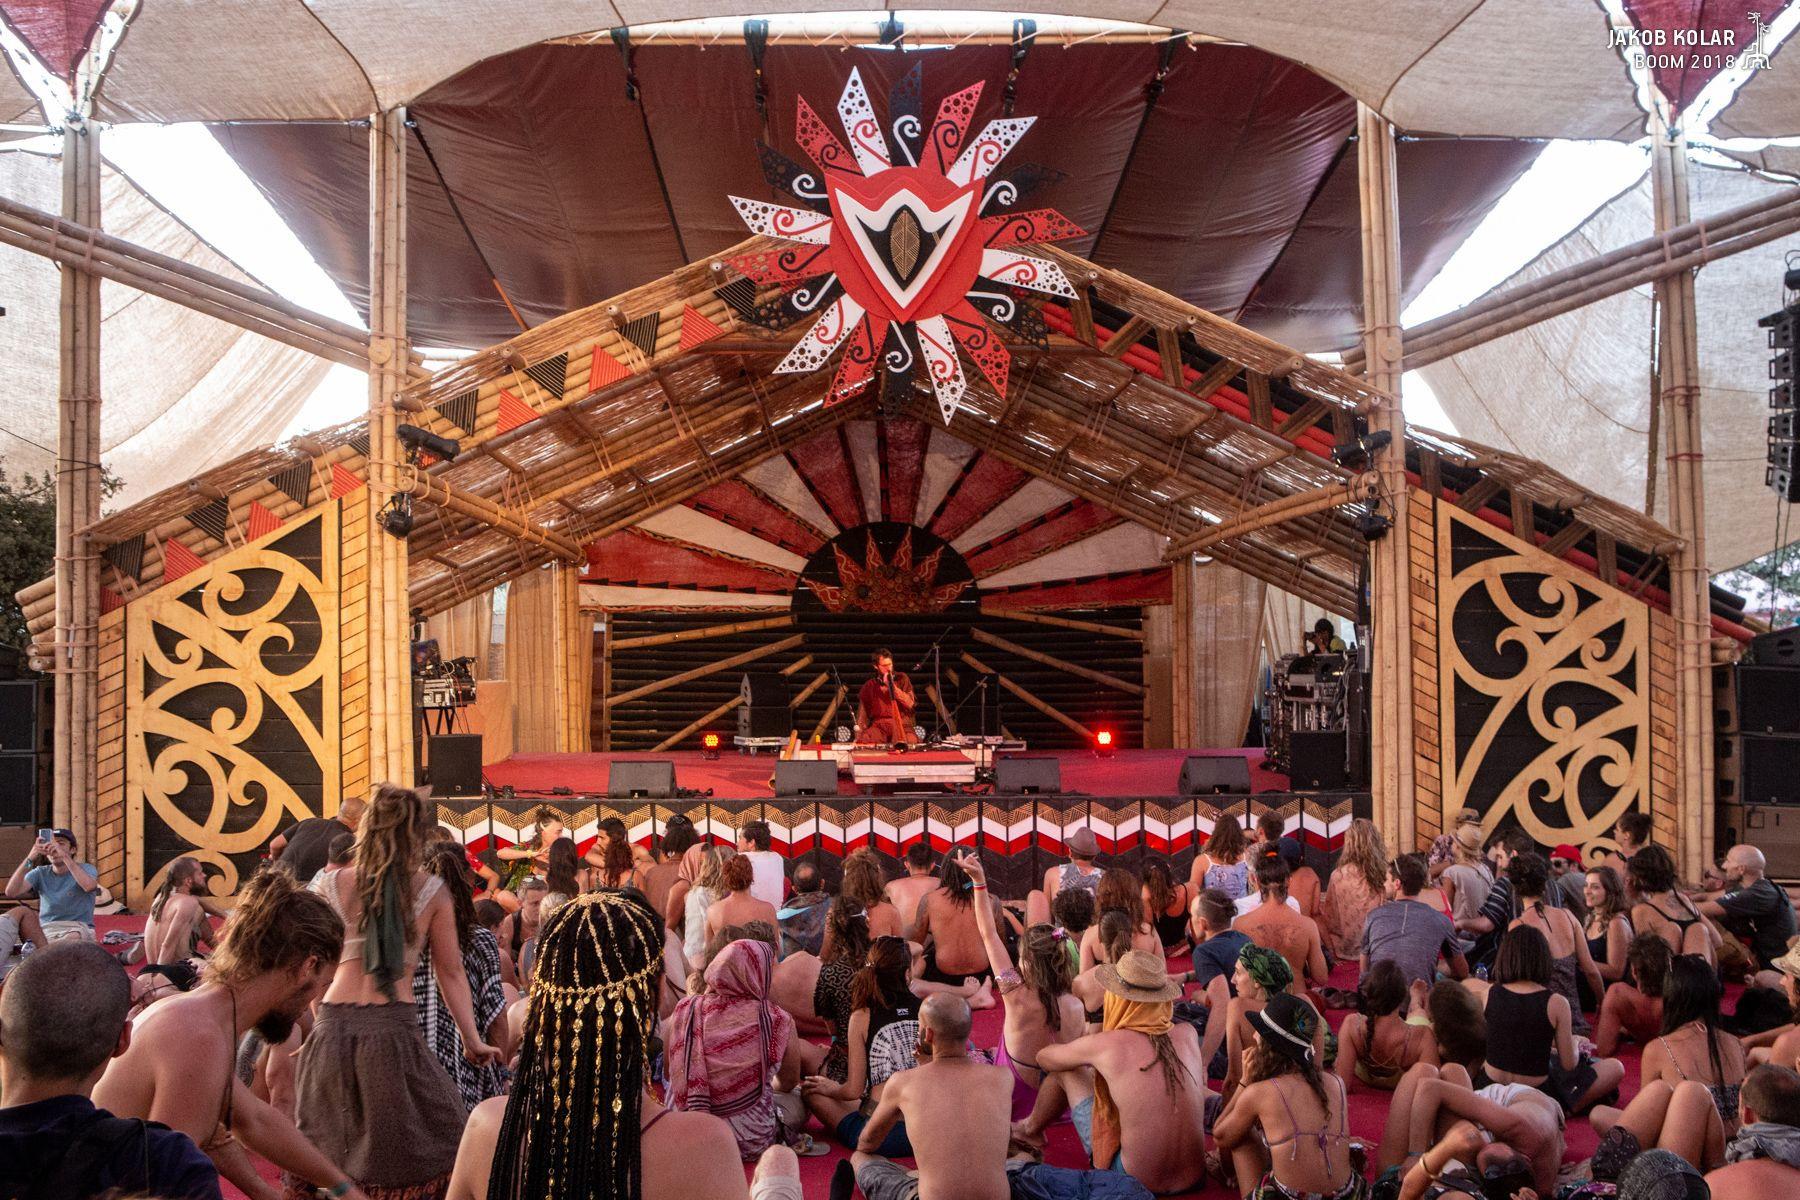 Boom Festival assinala 20 anos com lançamento de documentário e livro